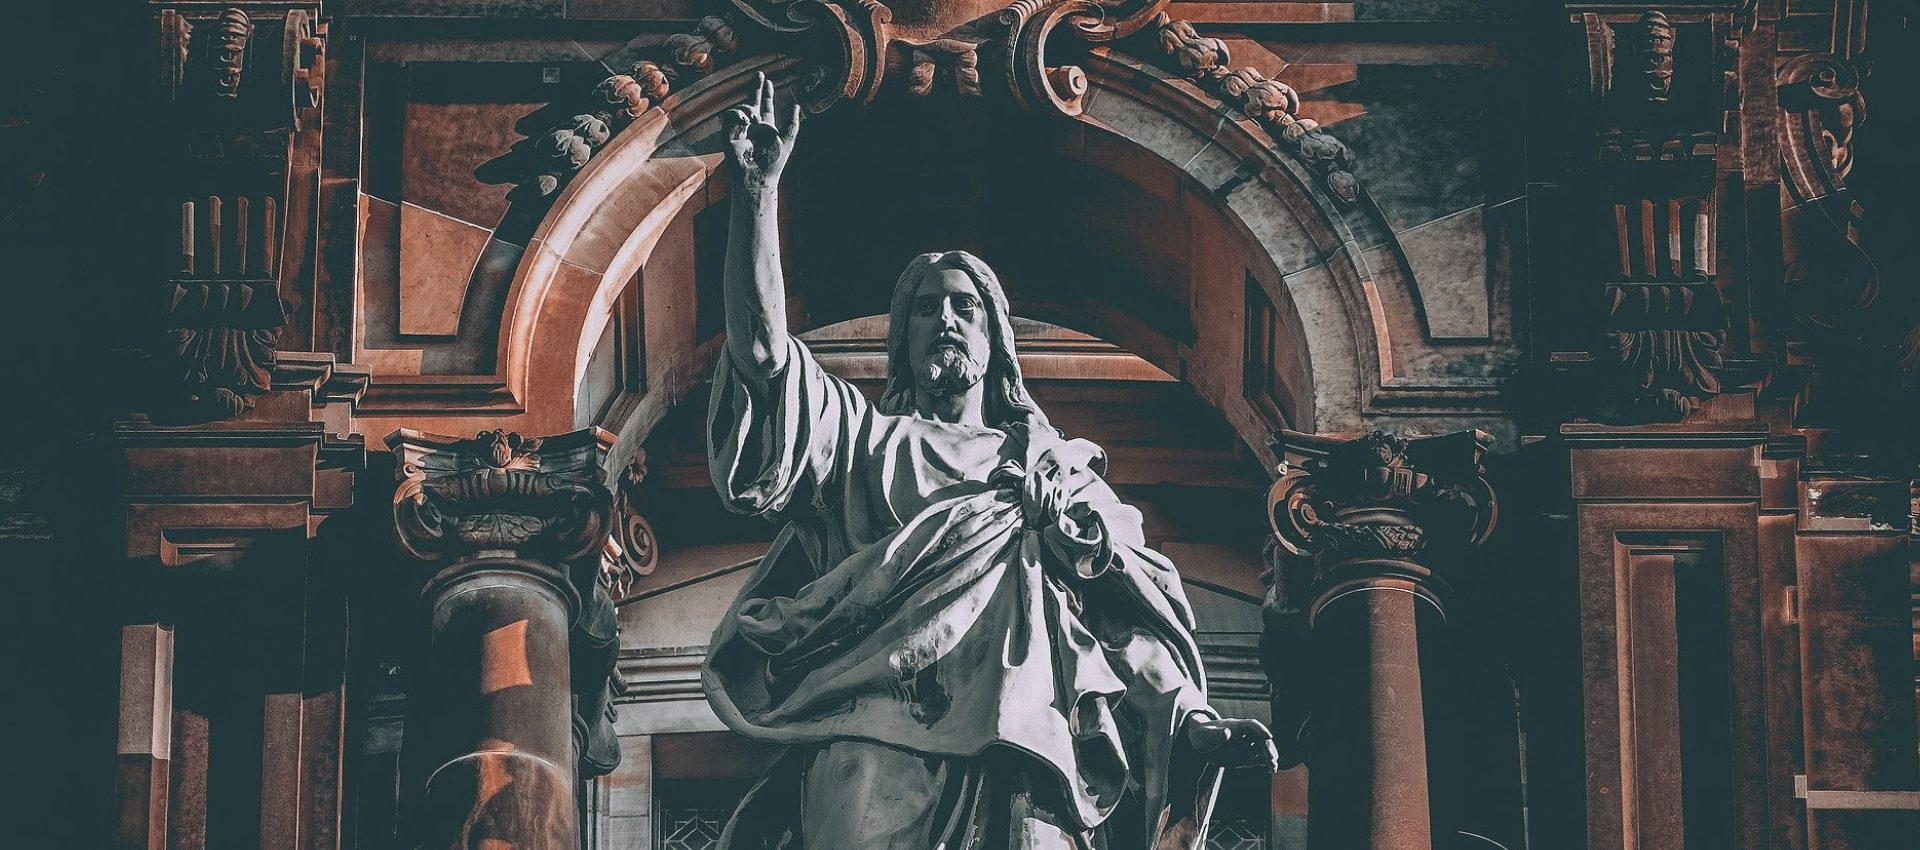 Ze śmierci rodzi się zmartwychwstanie